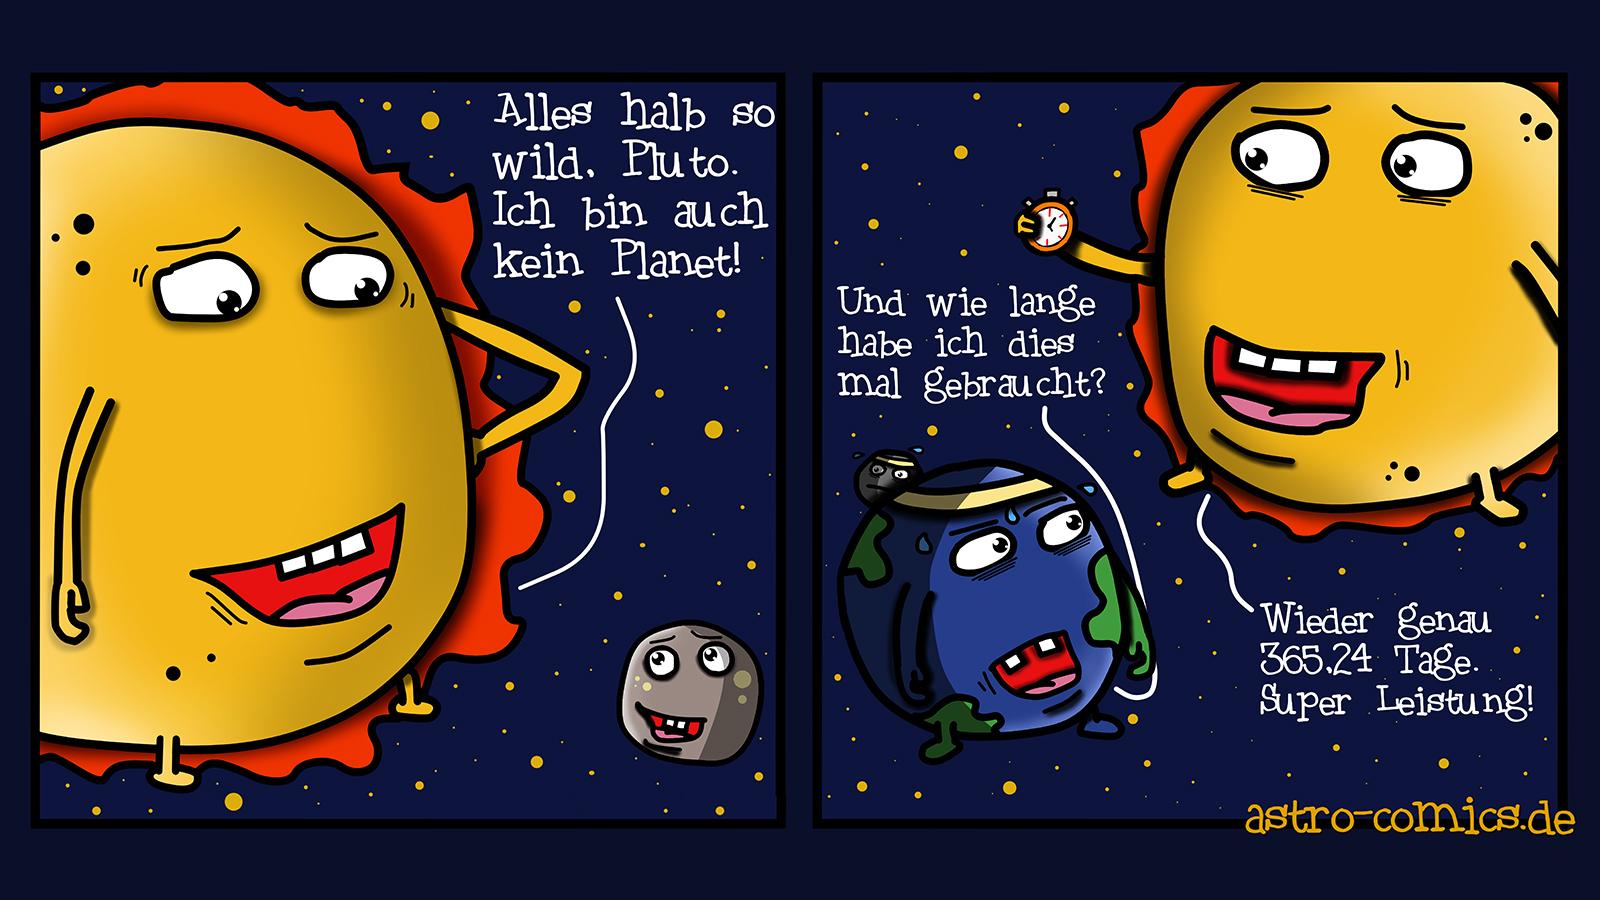 """Das """"Astro-Comics-Buch"""